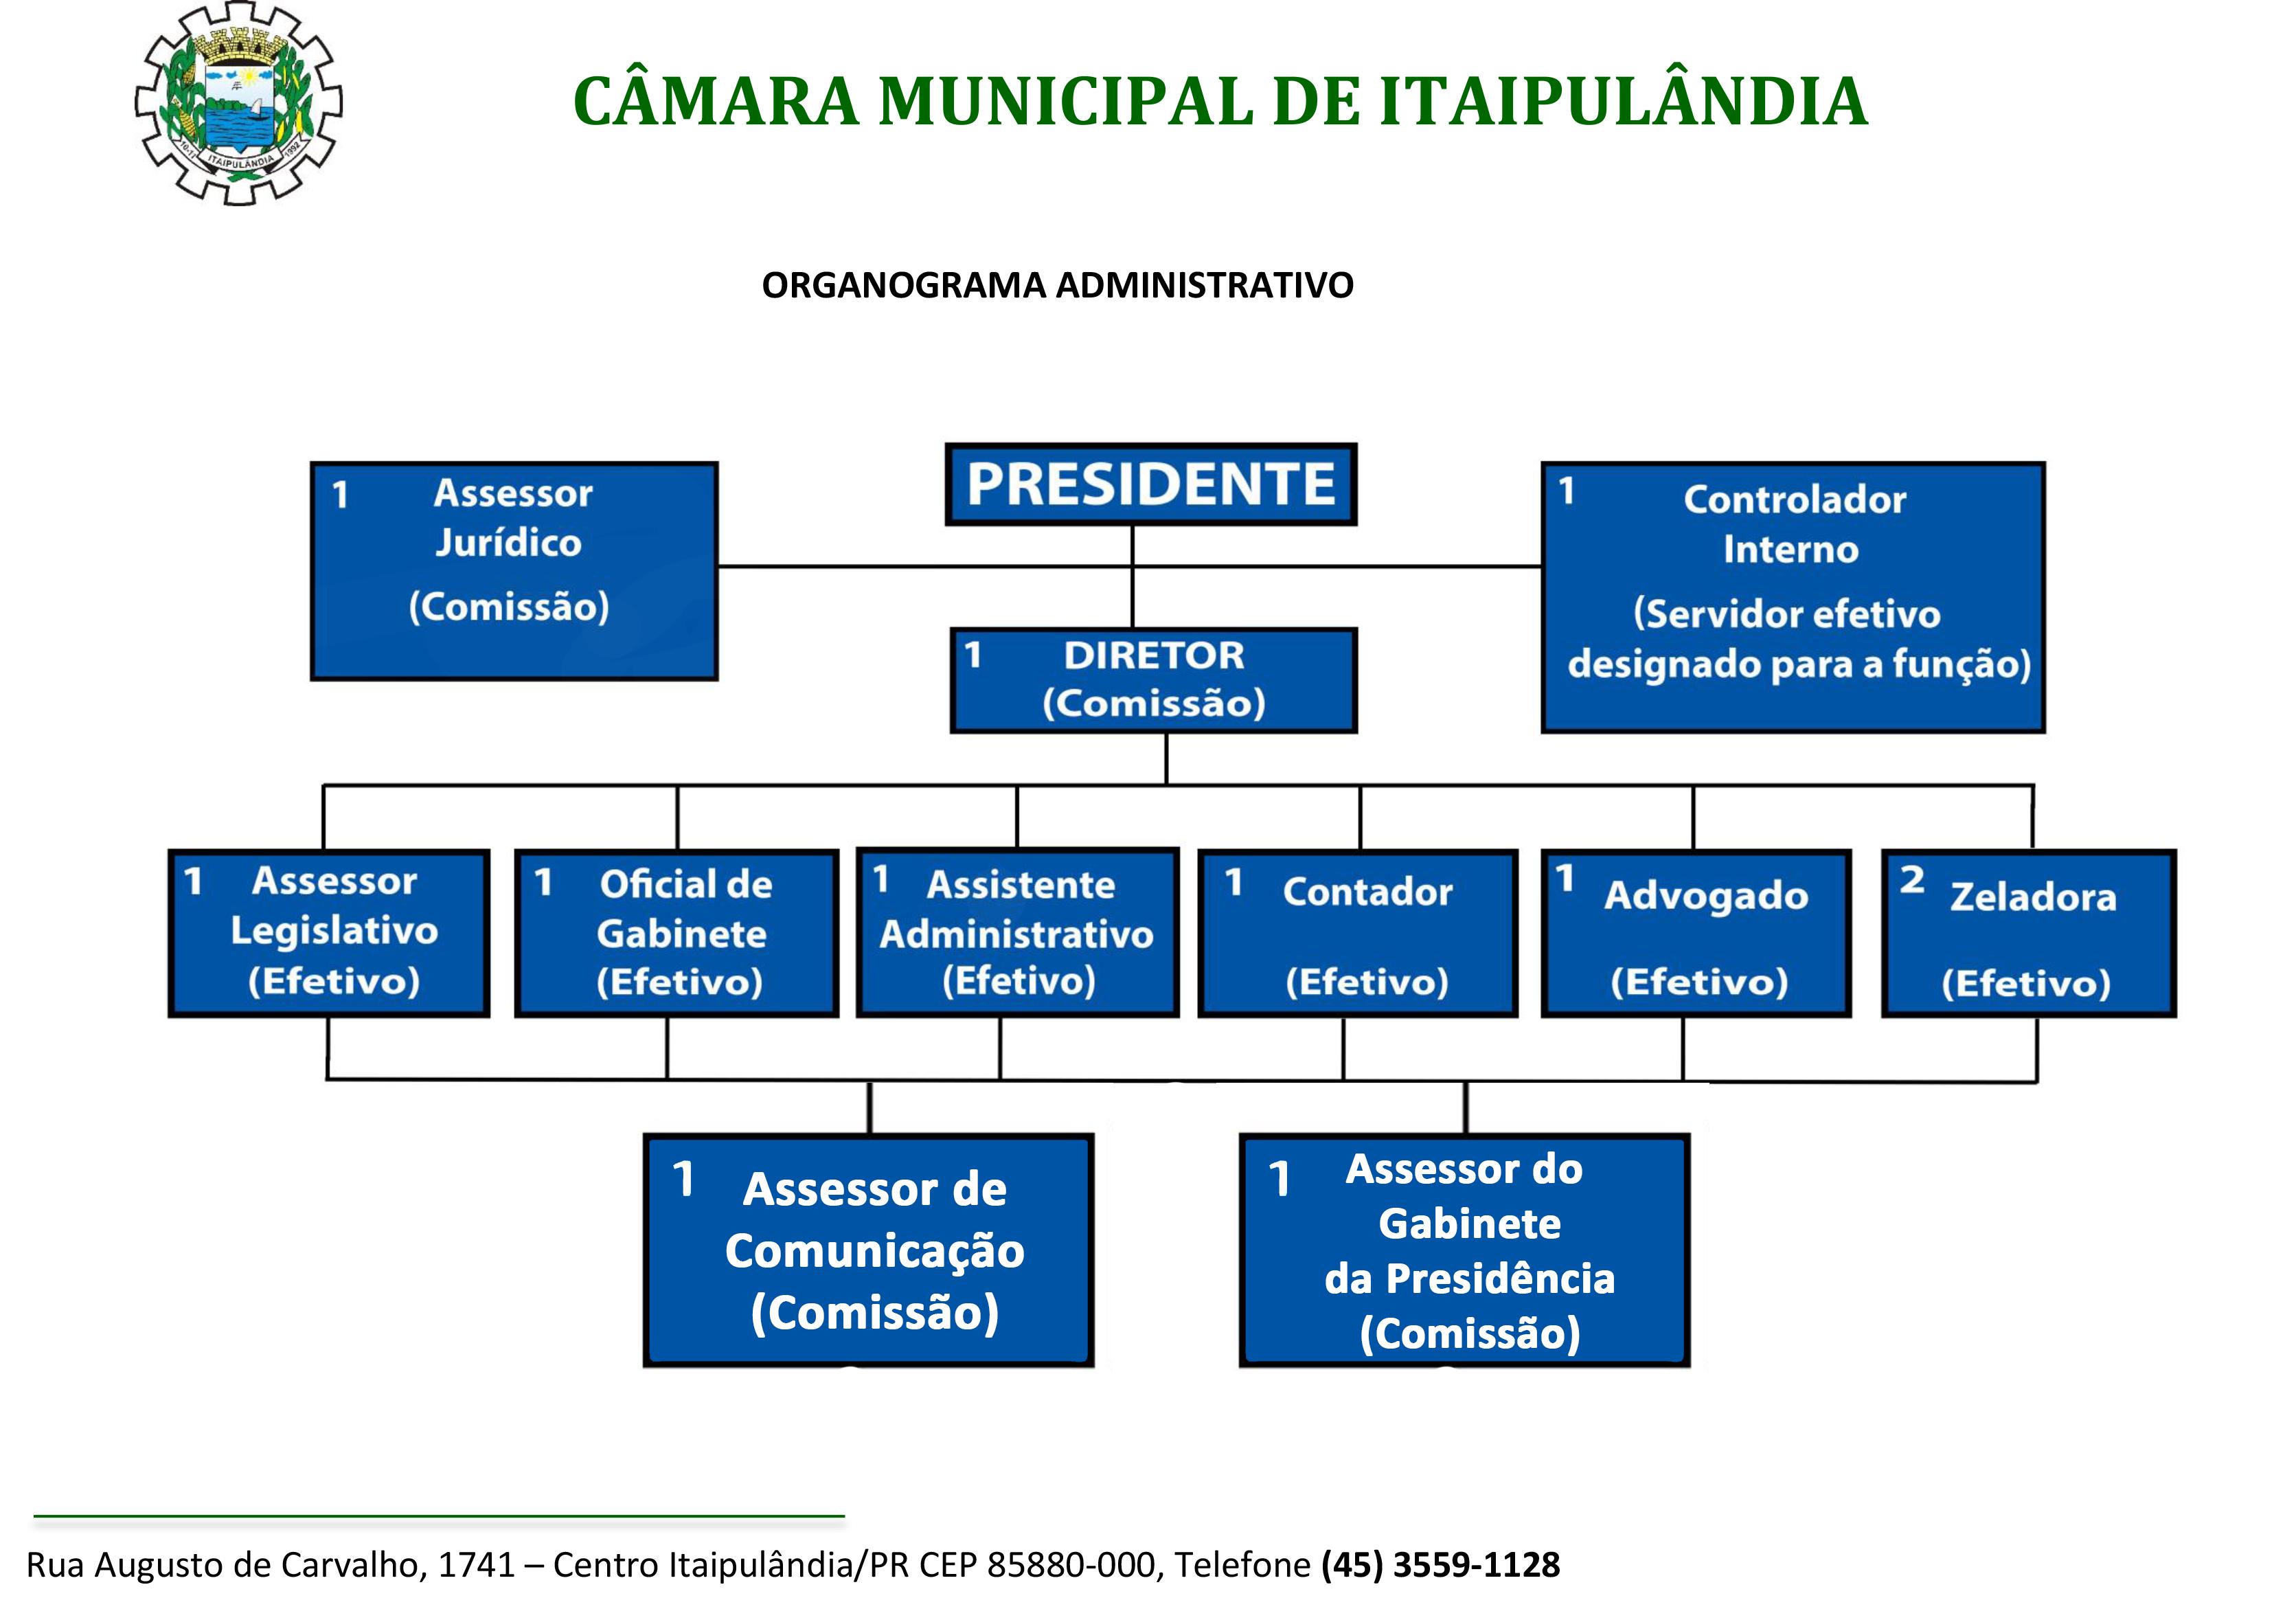 Organograma da Câmara Municipal de Itaipulândia